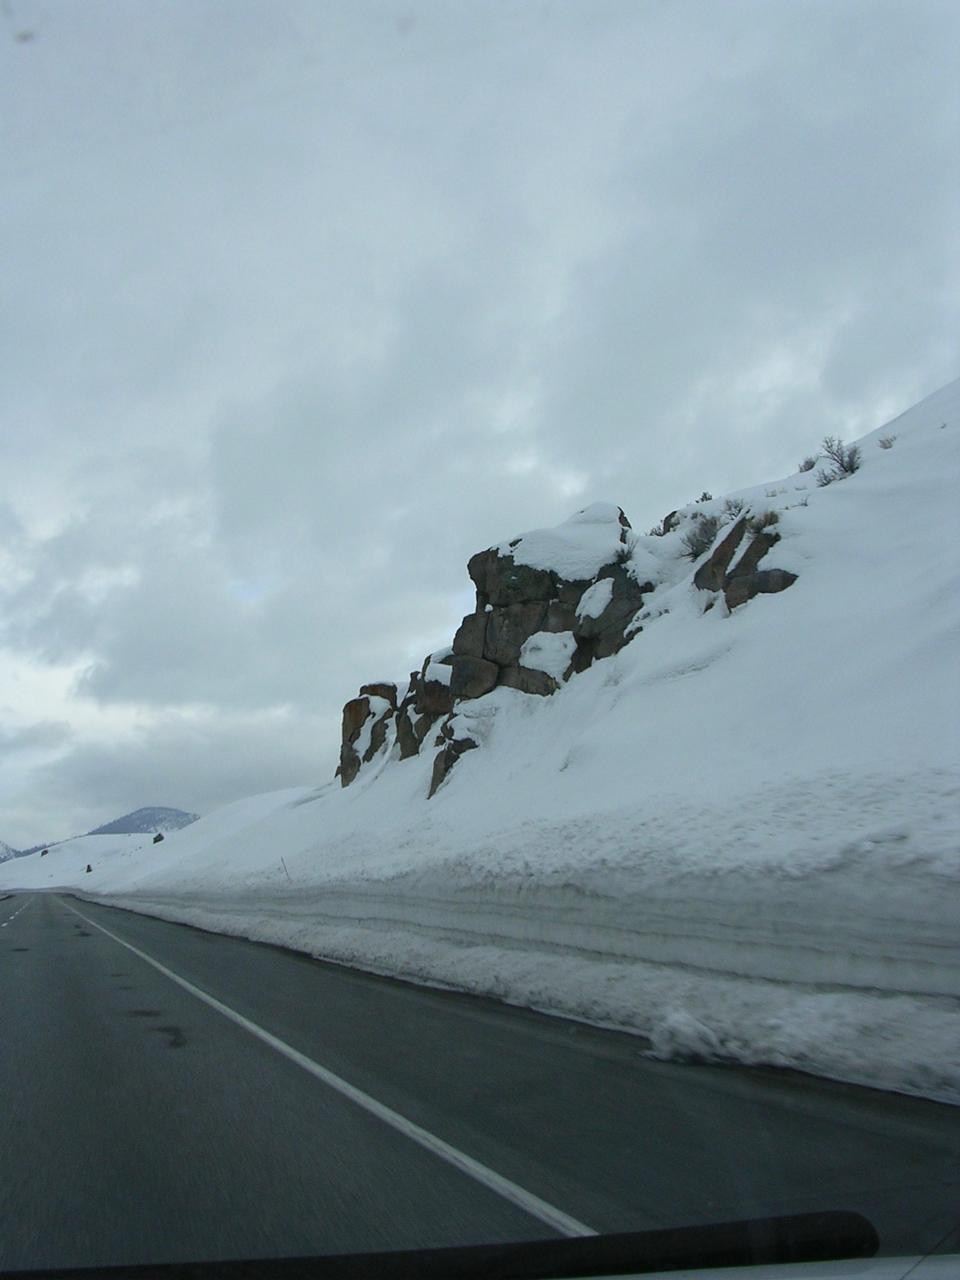 Snowy roadside on Hwy. 395